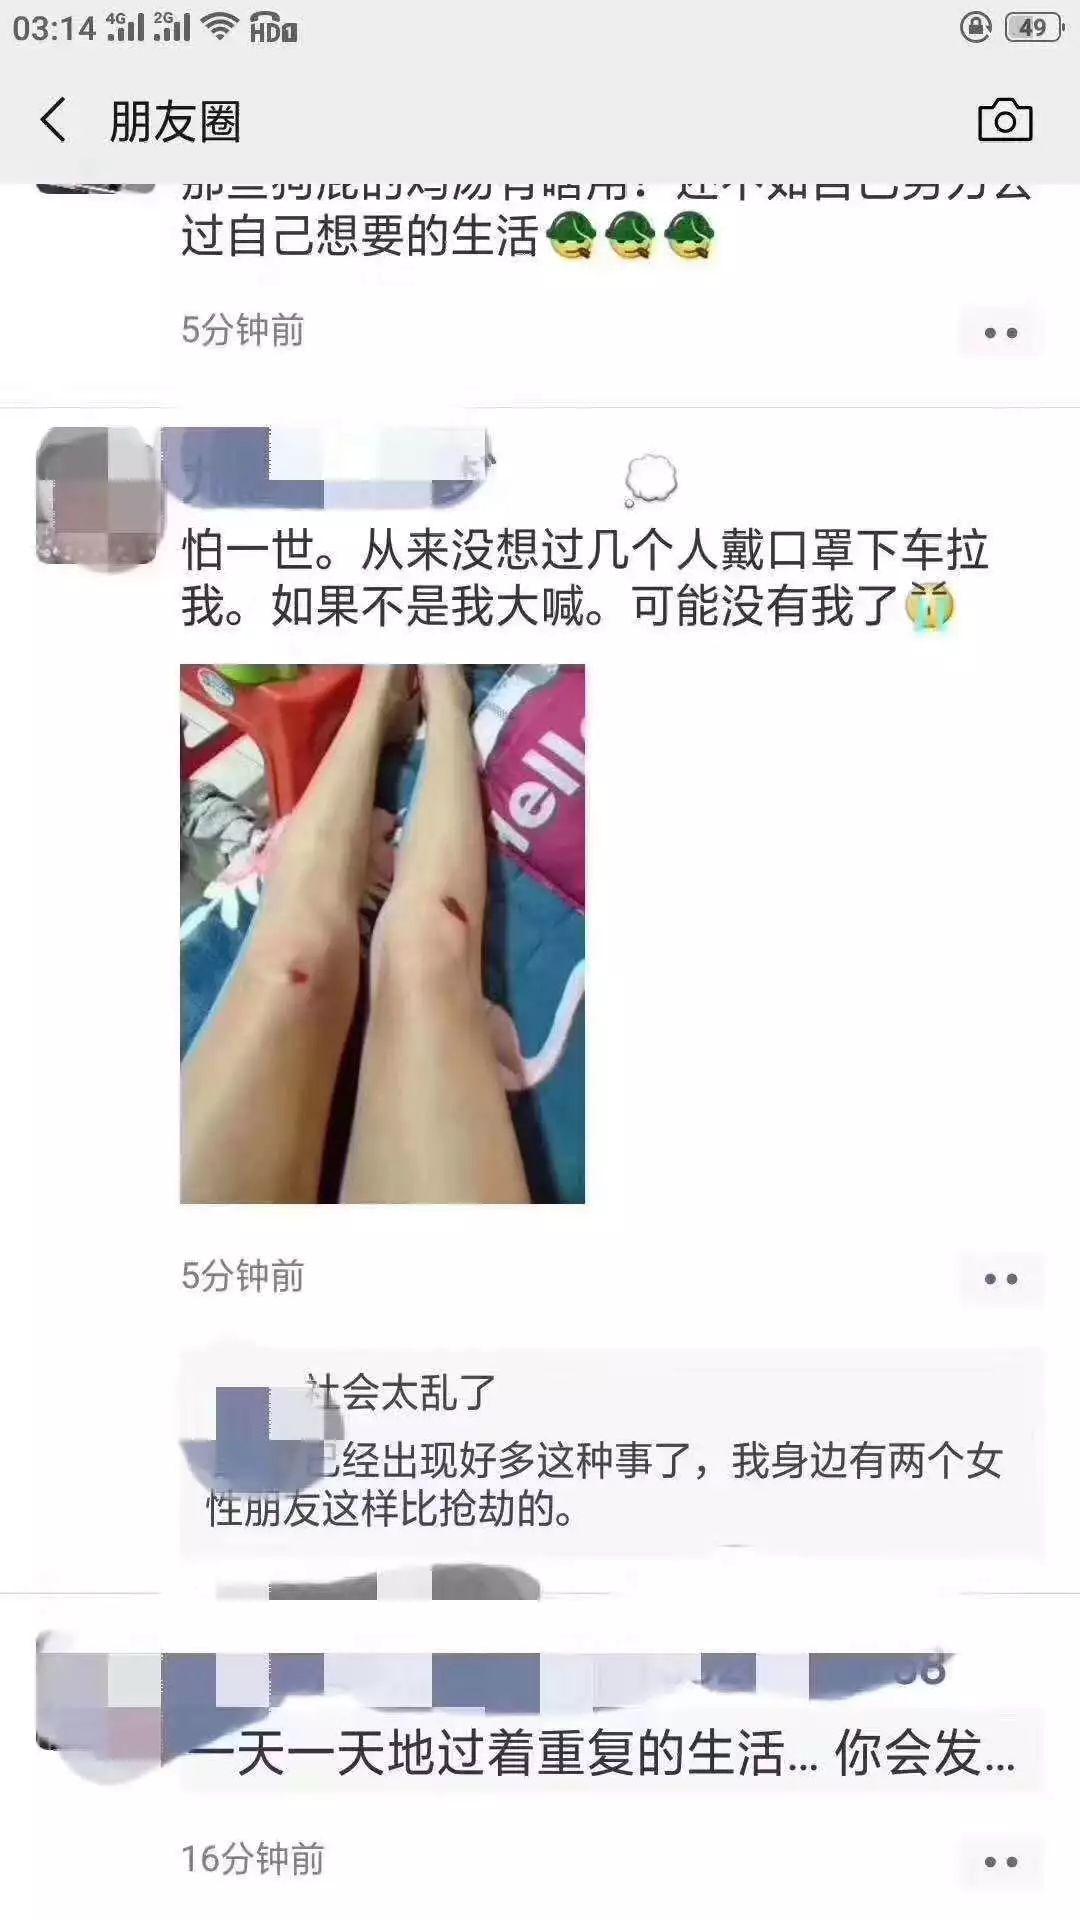 http://www.880759.com/youxiyule/7472.html